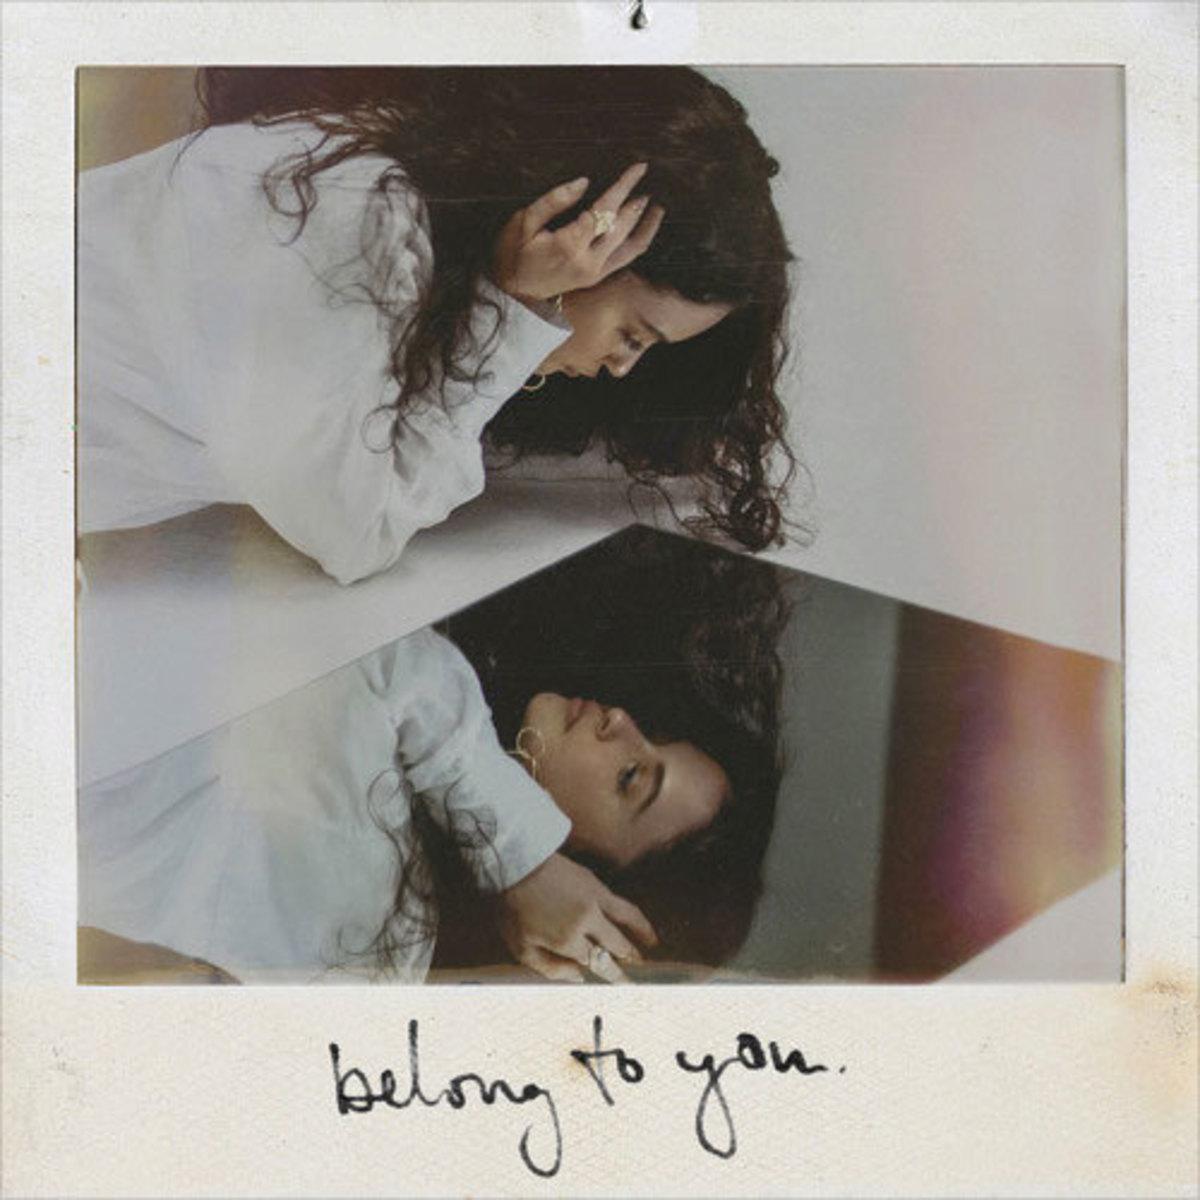 sabrina-claudio-belong-to-you.jpg